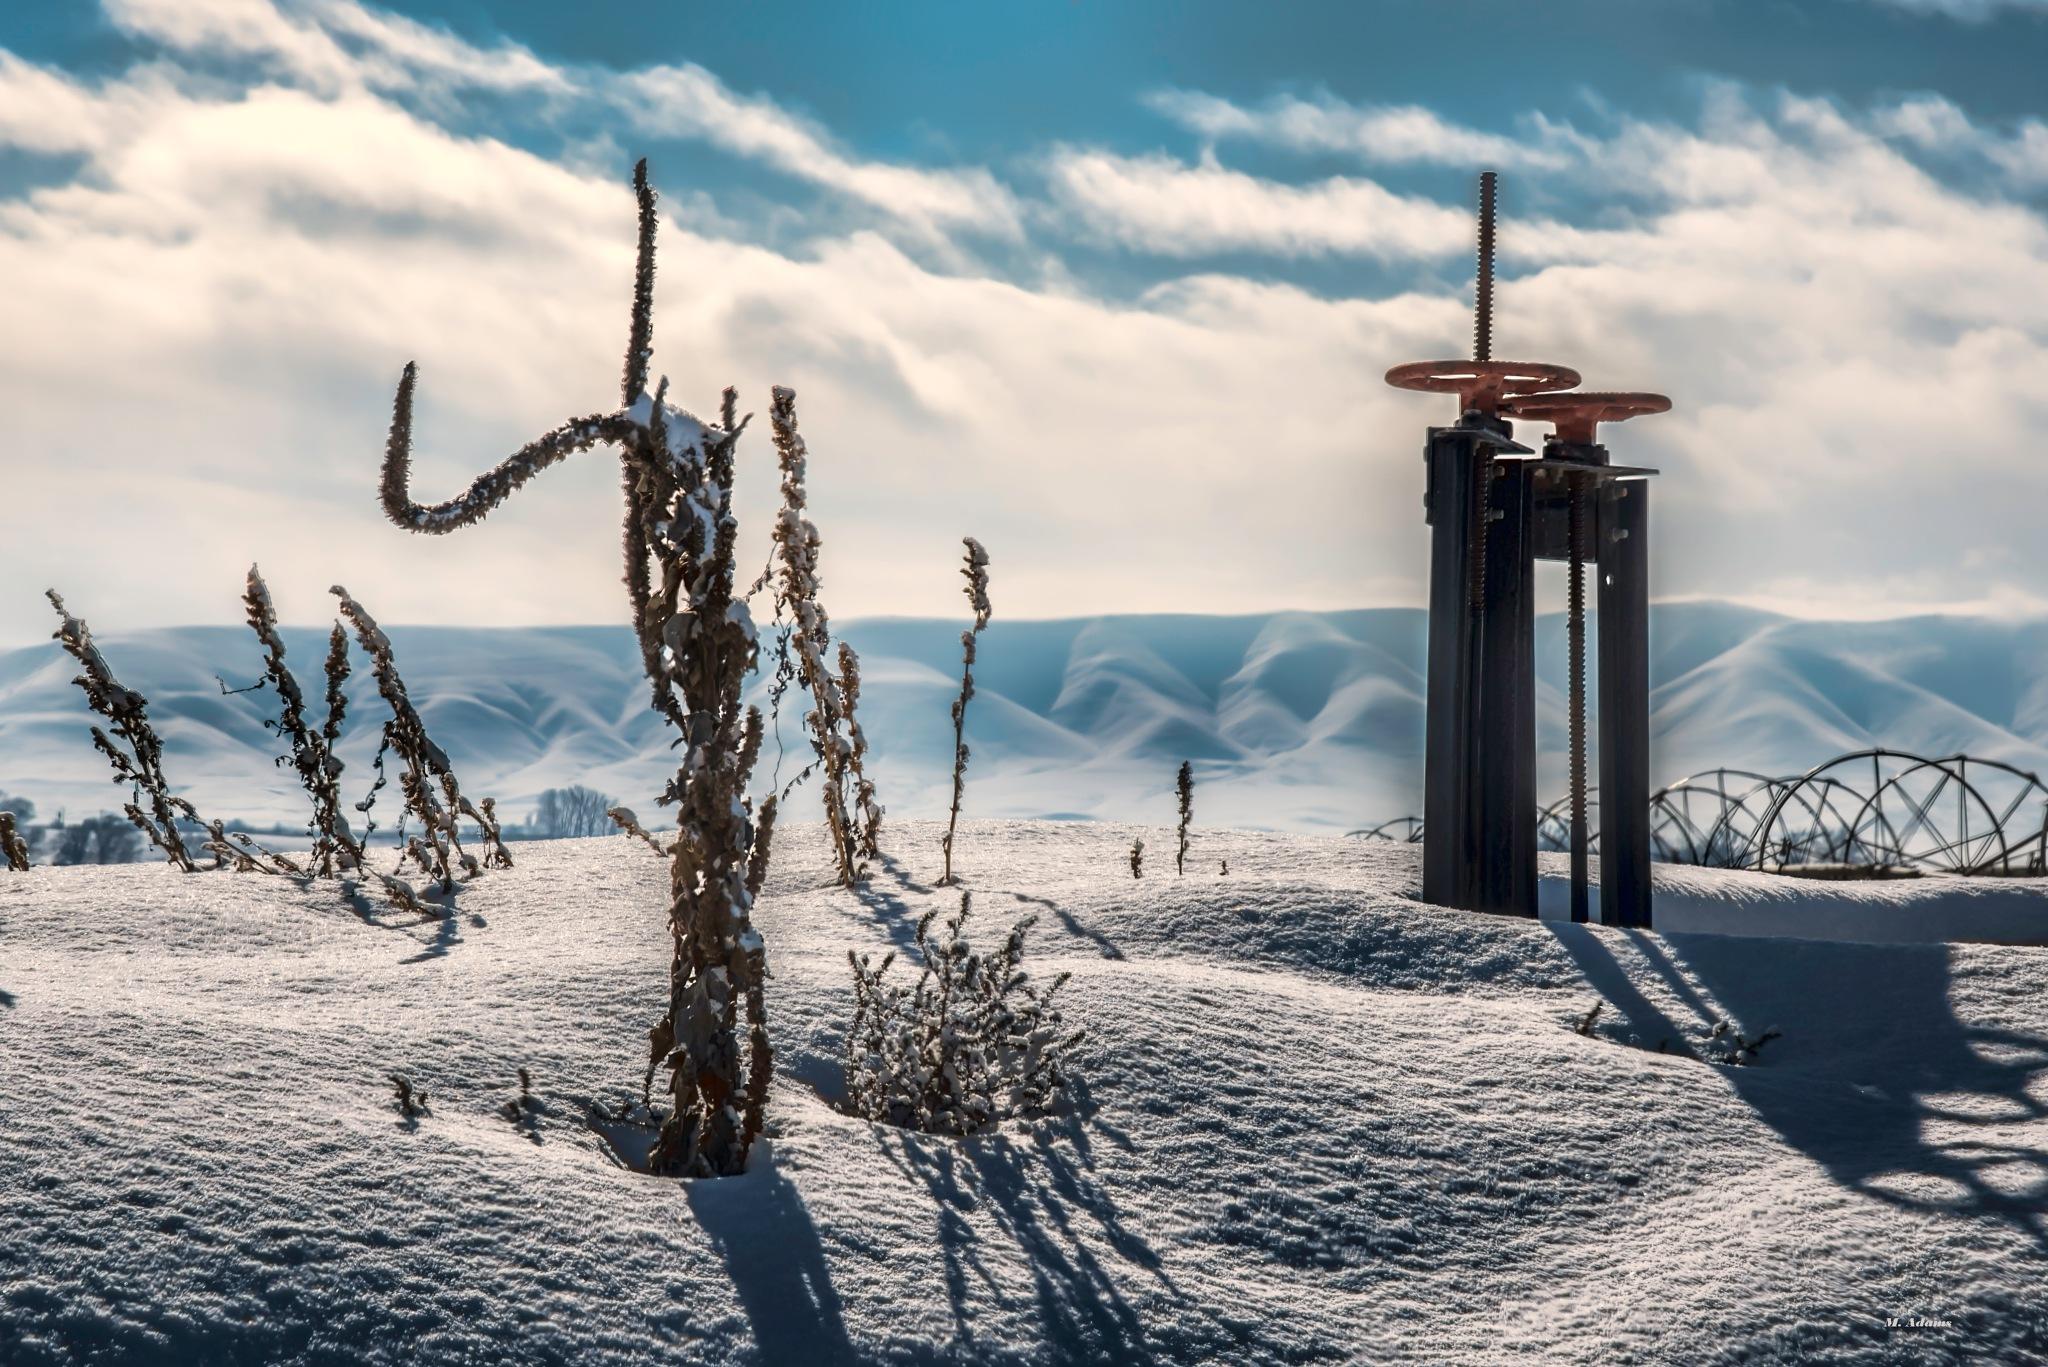 Rural Winter by Mike Adams